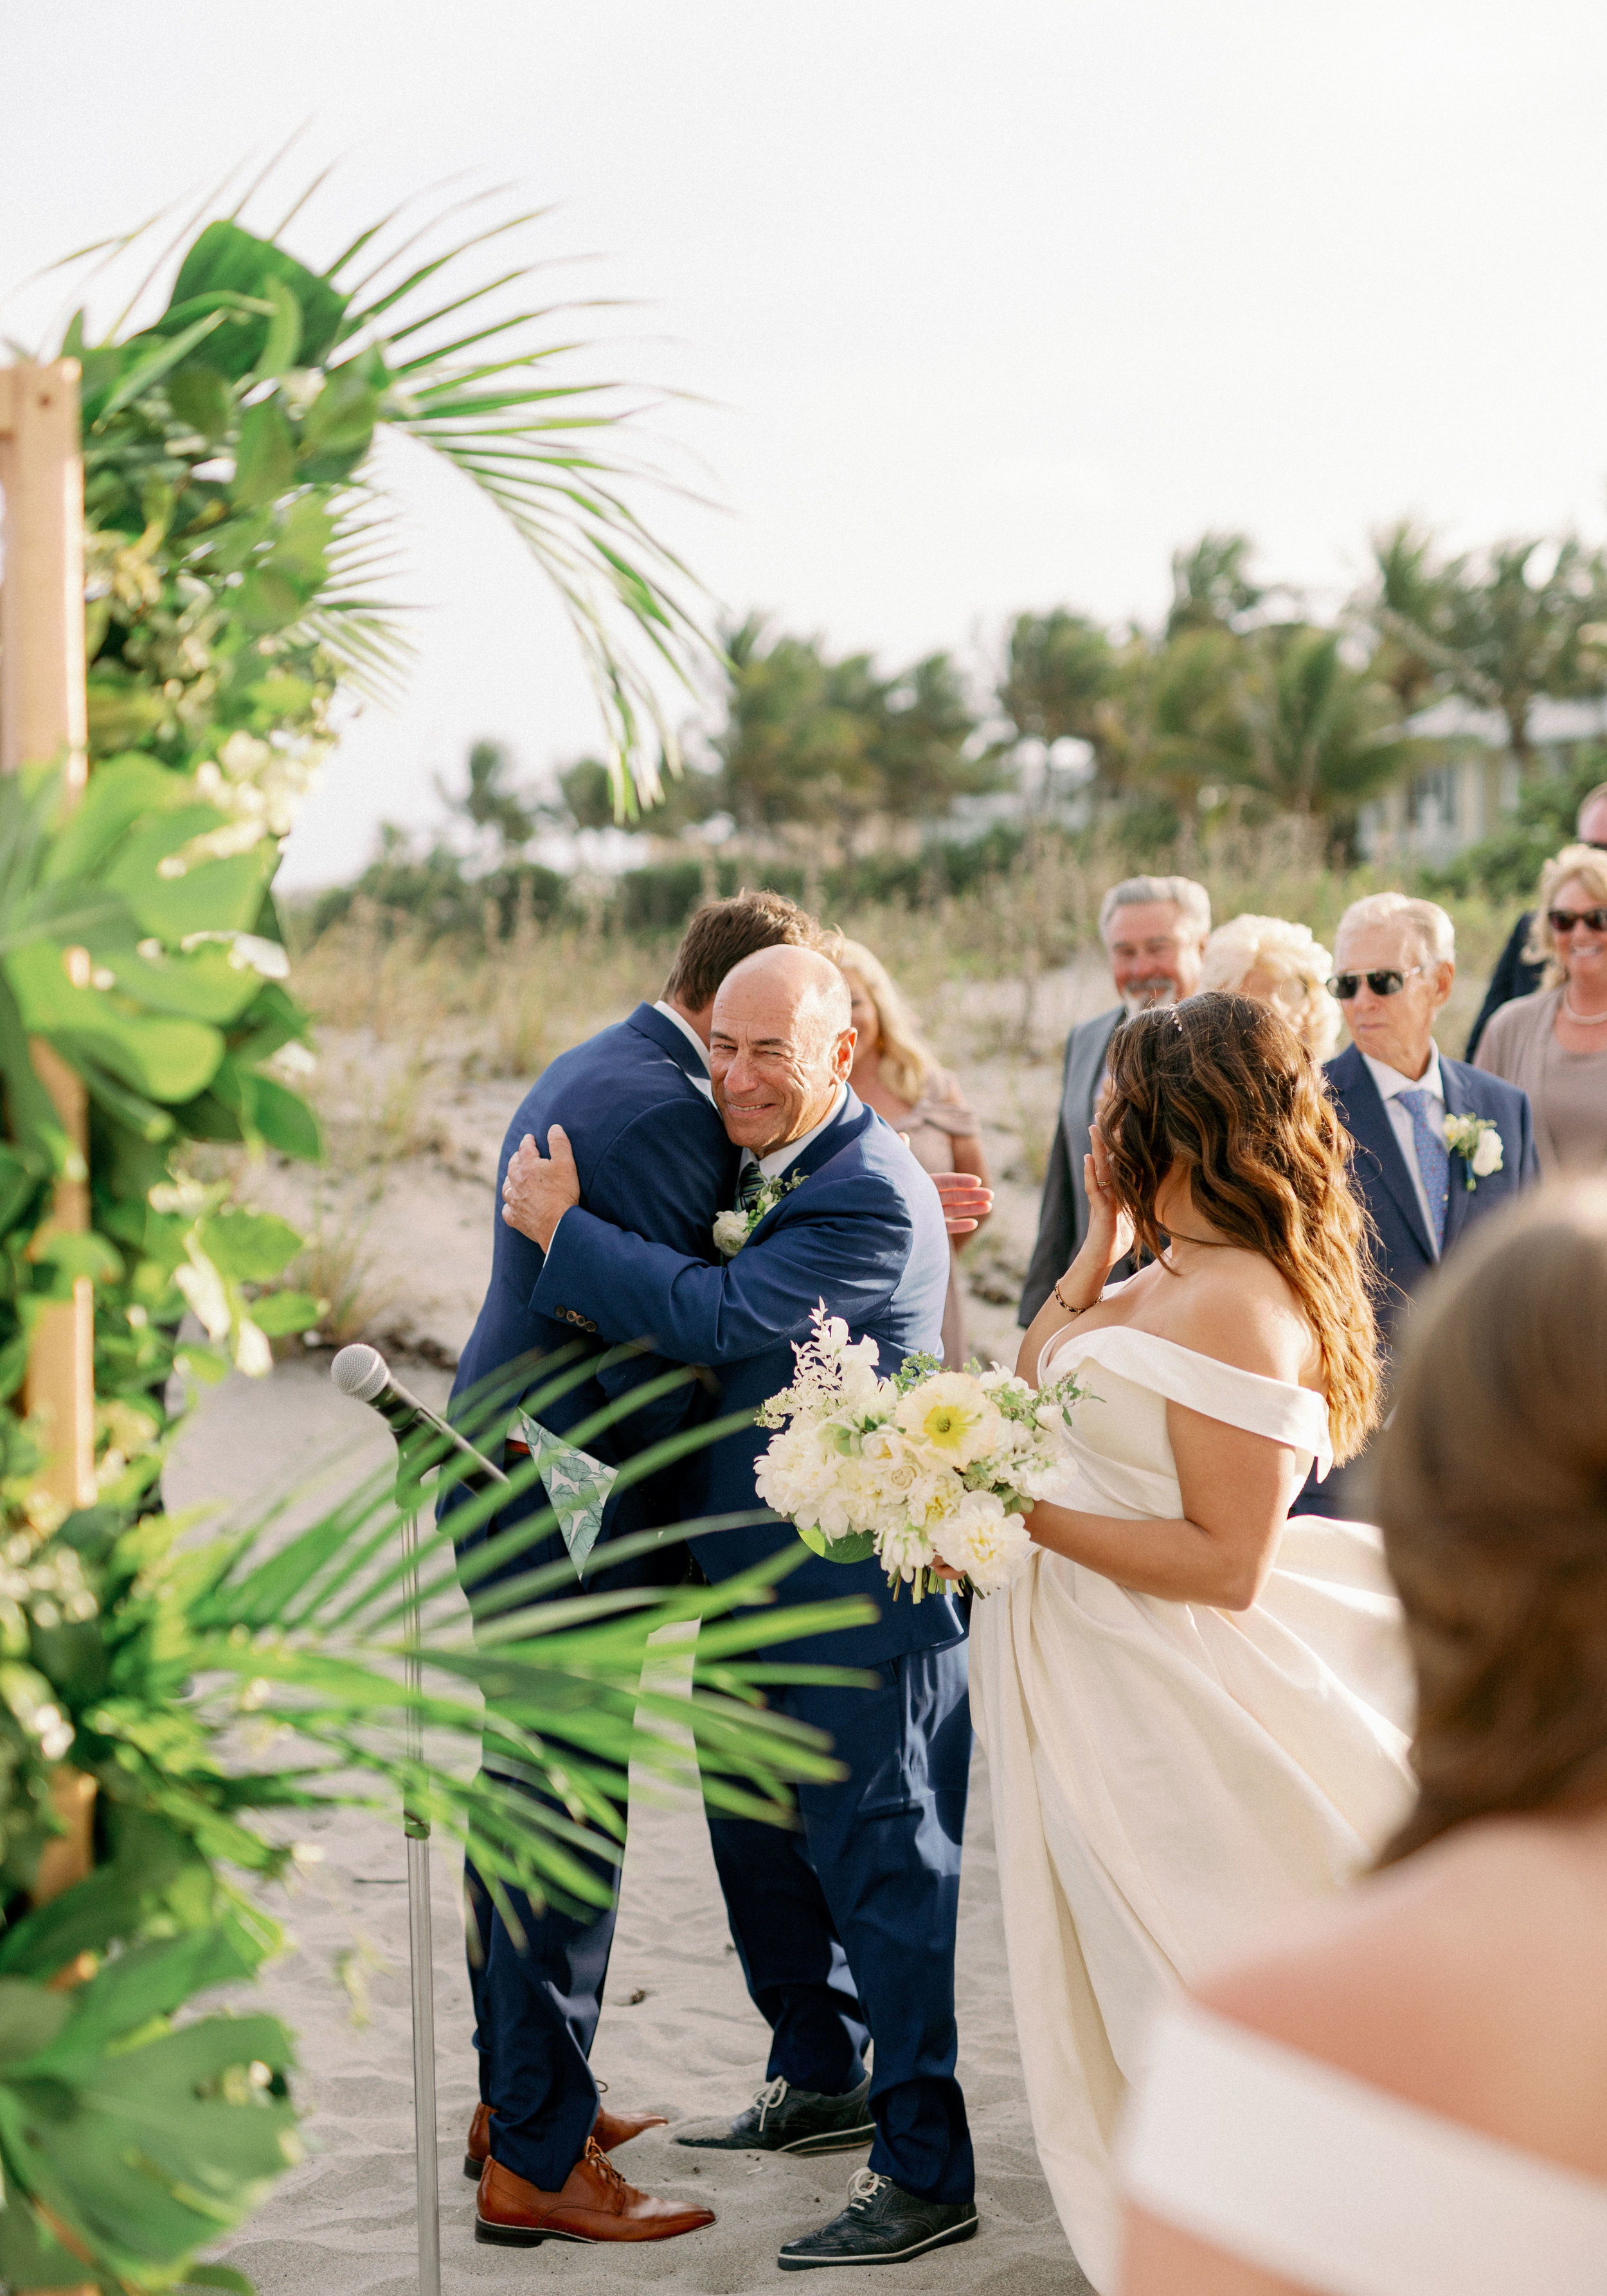 ourwedding309002.jpg